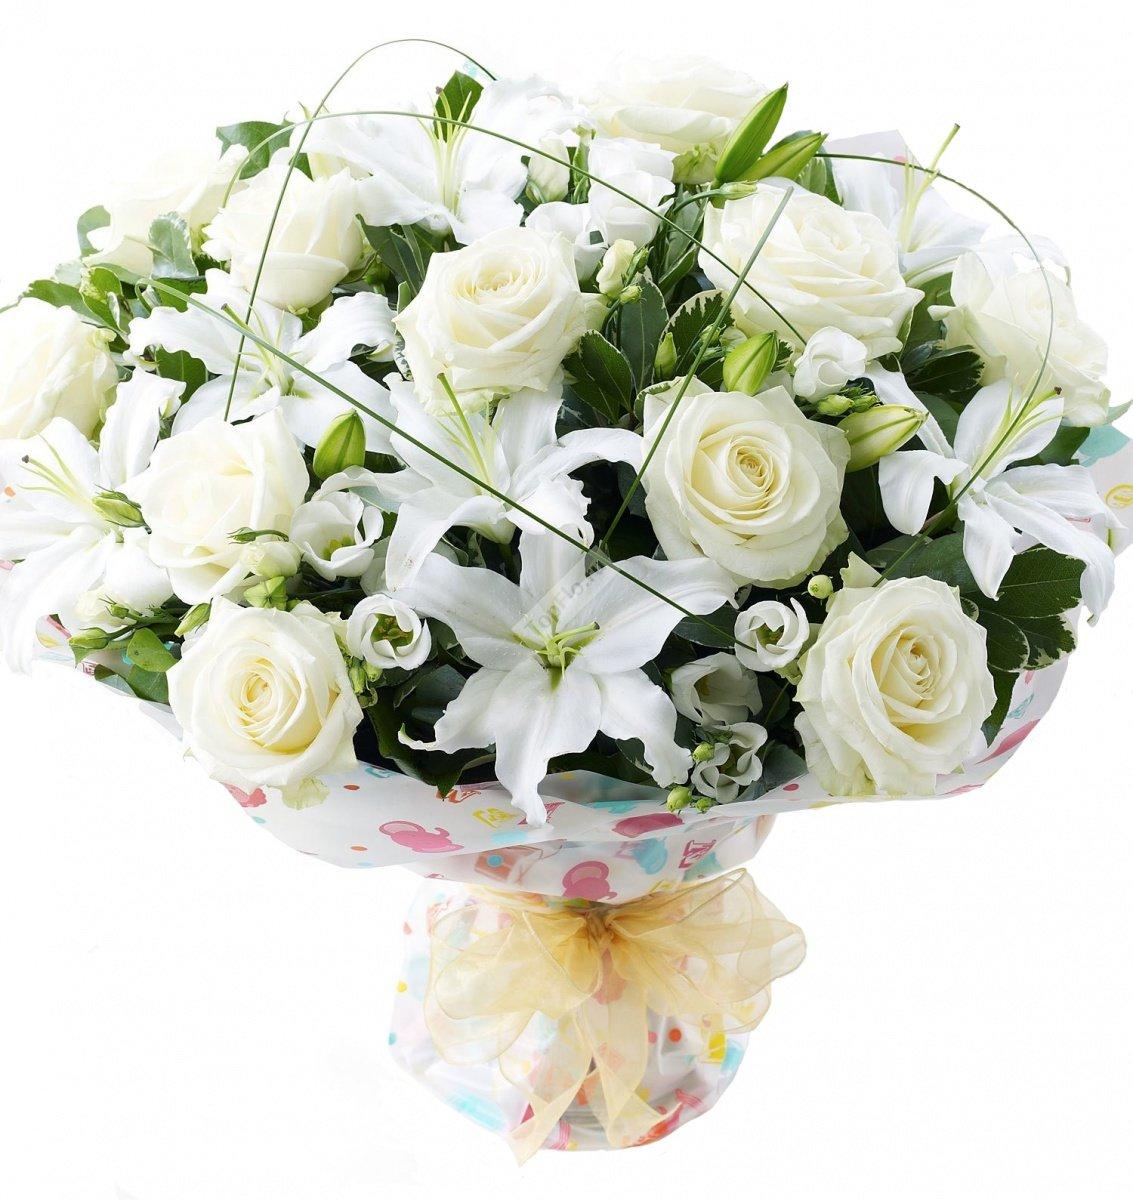 дмитриев погиб красивые букеты белые лилии с розами картинки институт теплотехники статья